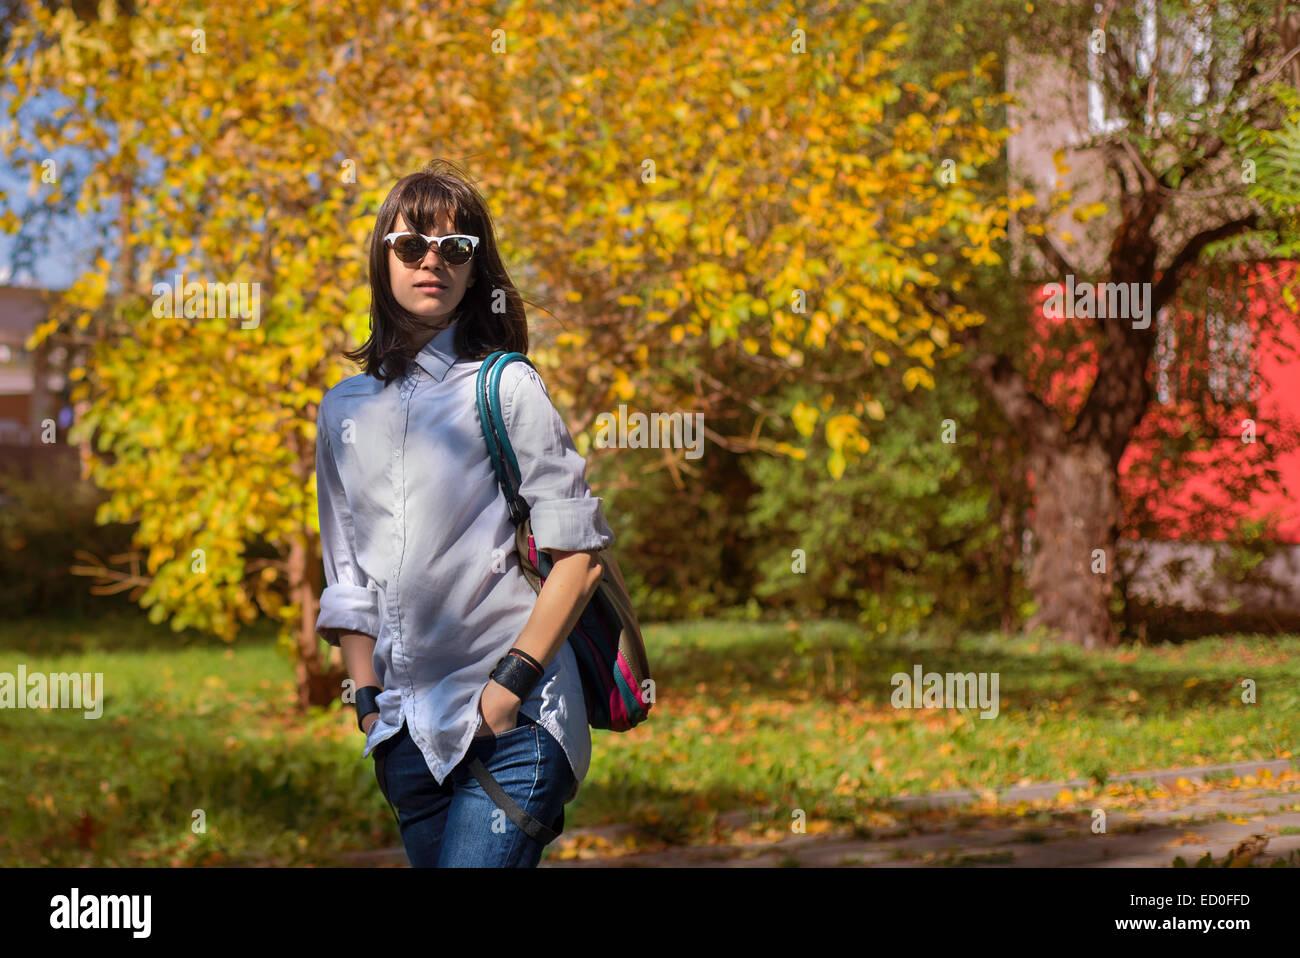 Retrato de mujer joven en el paisaje del otoño Imagen De Stock